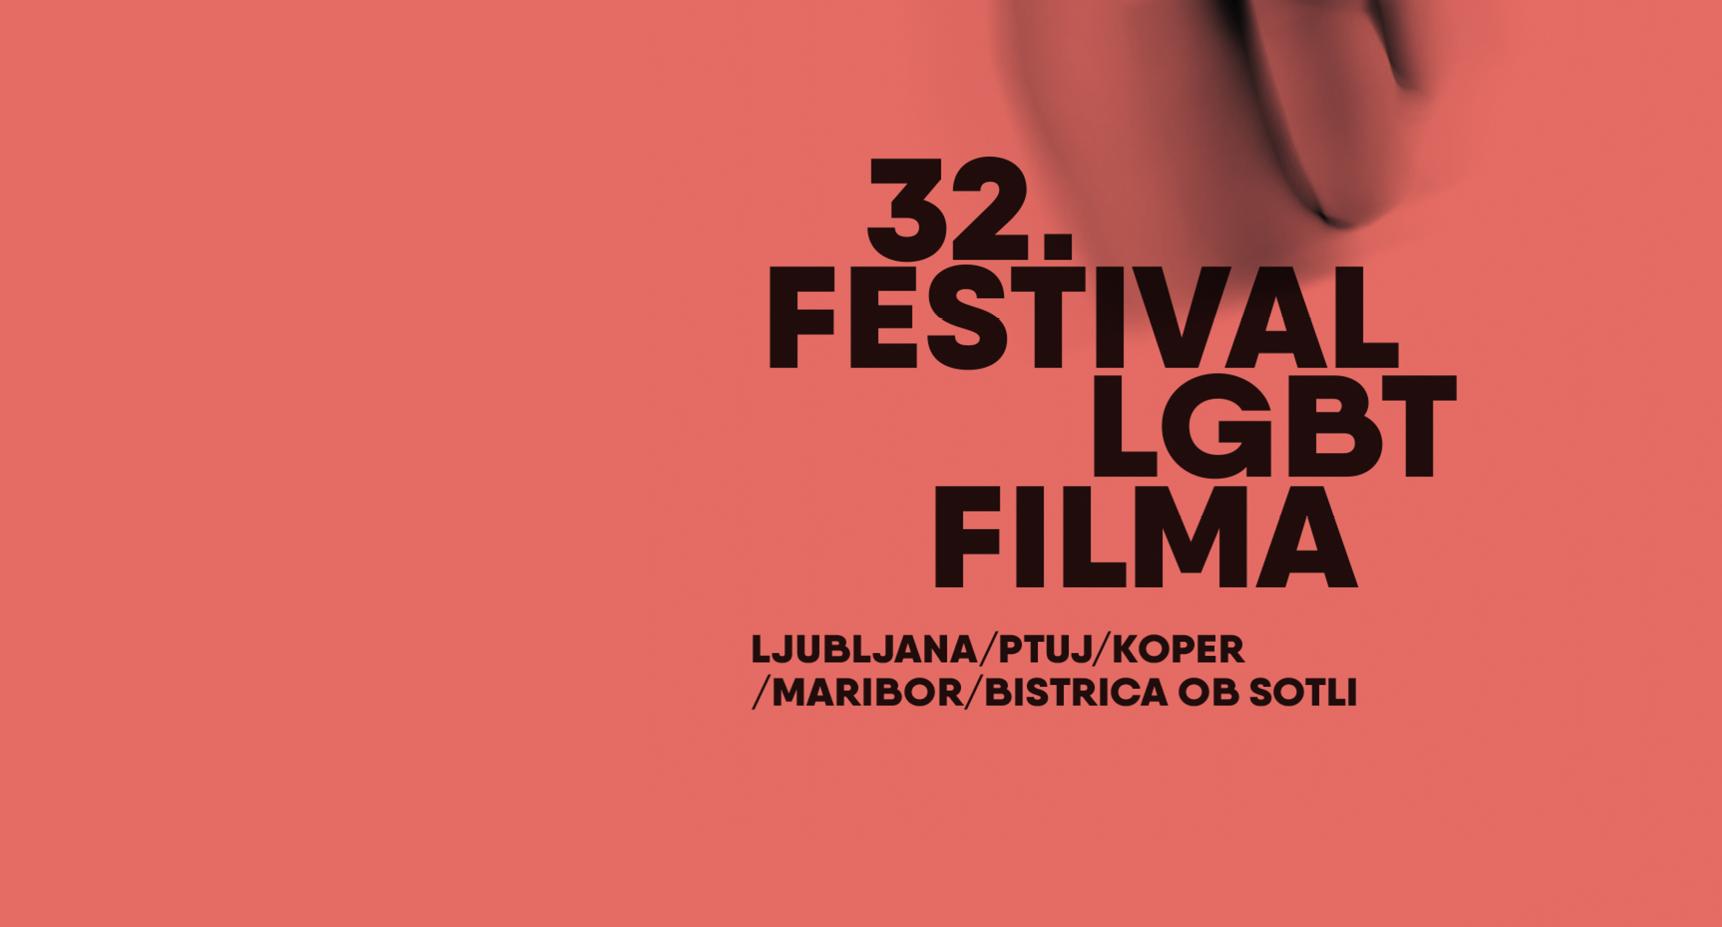 Komentar Festivala LGBT filma 2016